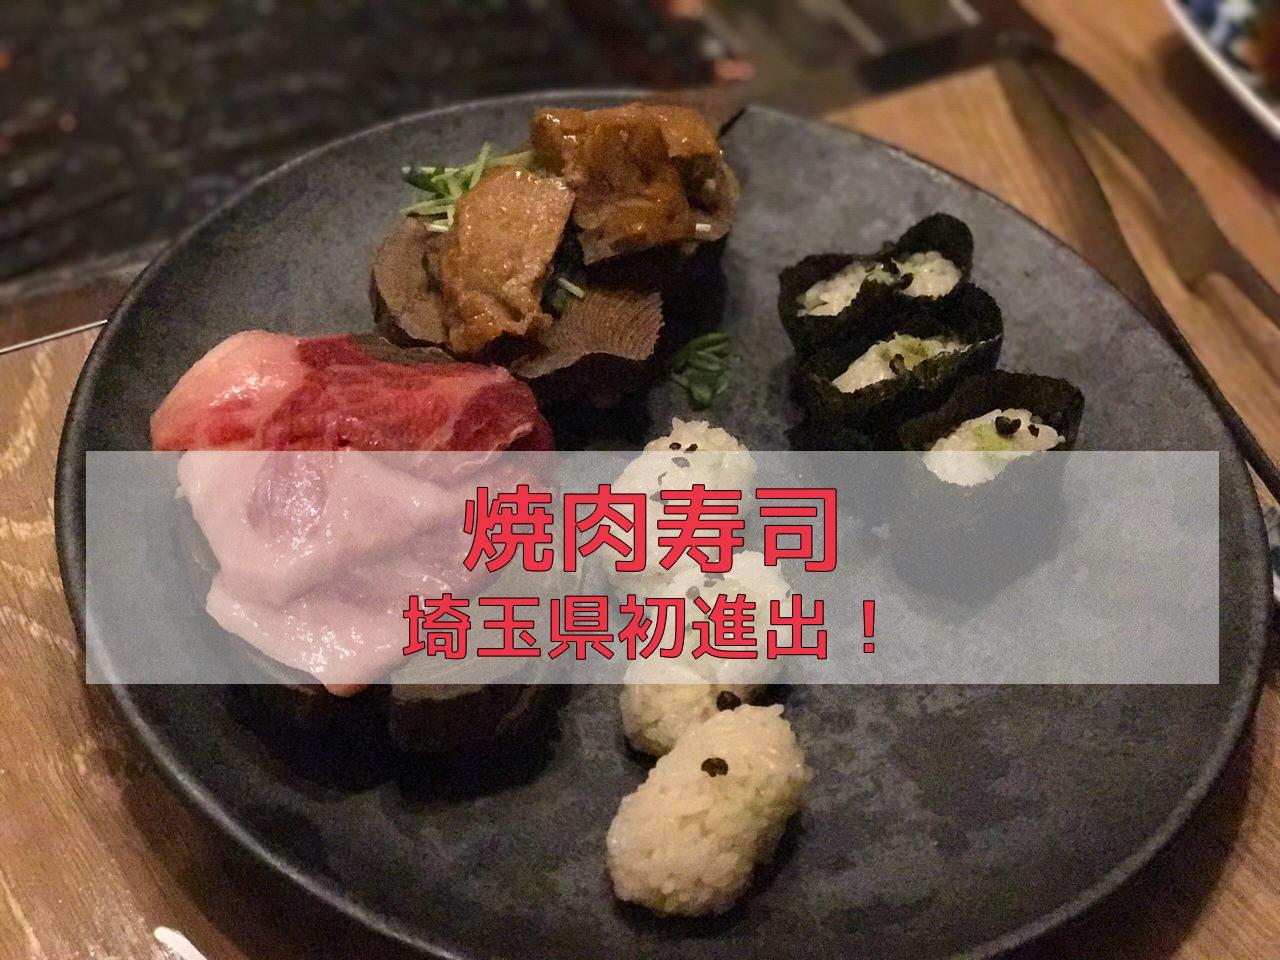 「大宮 焼肉寿司」肉寿司が焼肉をやったらどうなる?答え=炙った肉でシャリを巻く!